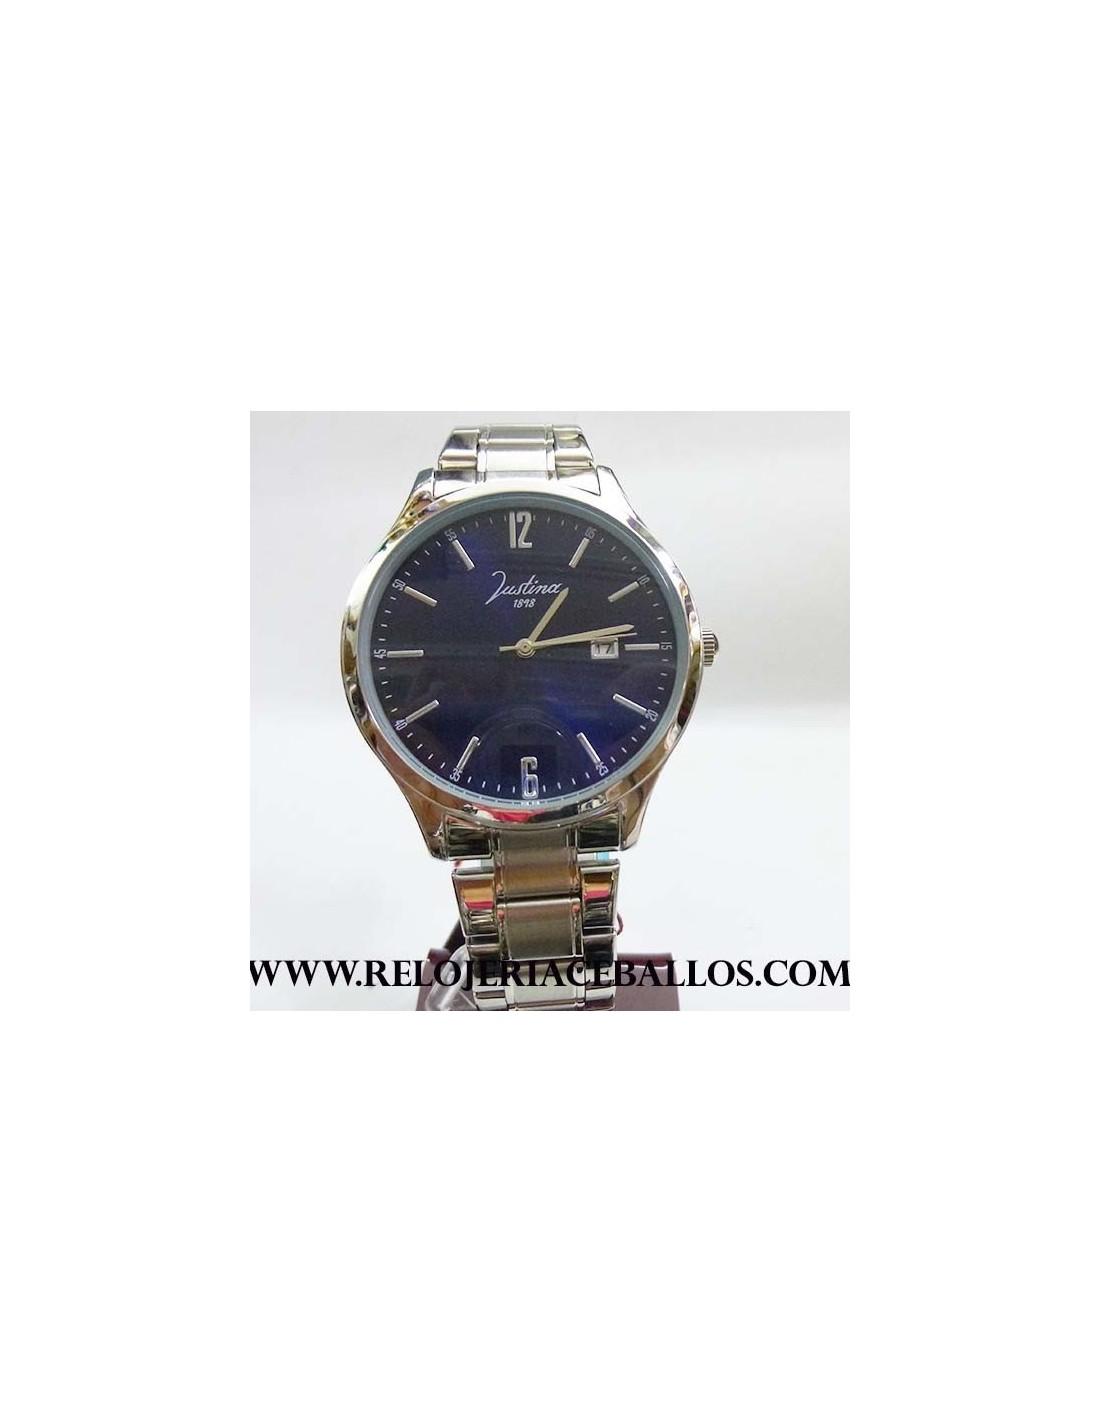 Justina reloj de caballero ref 11922a - Relojes justina precios ...